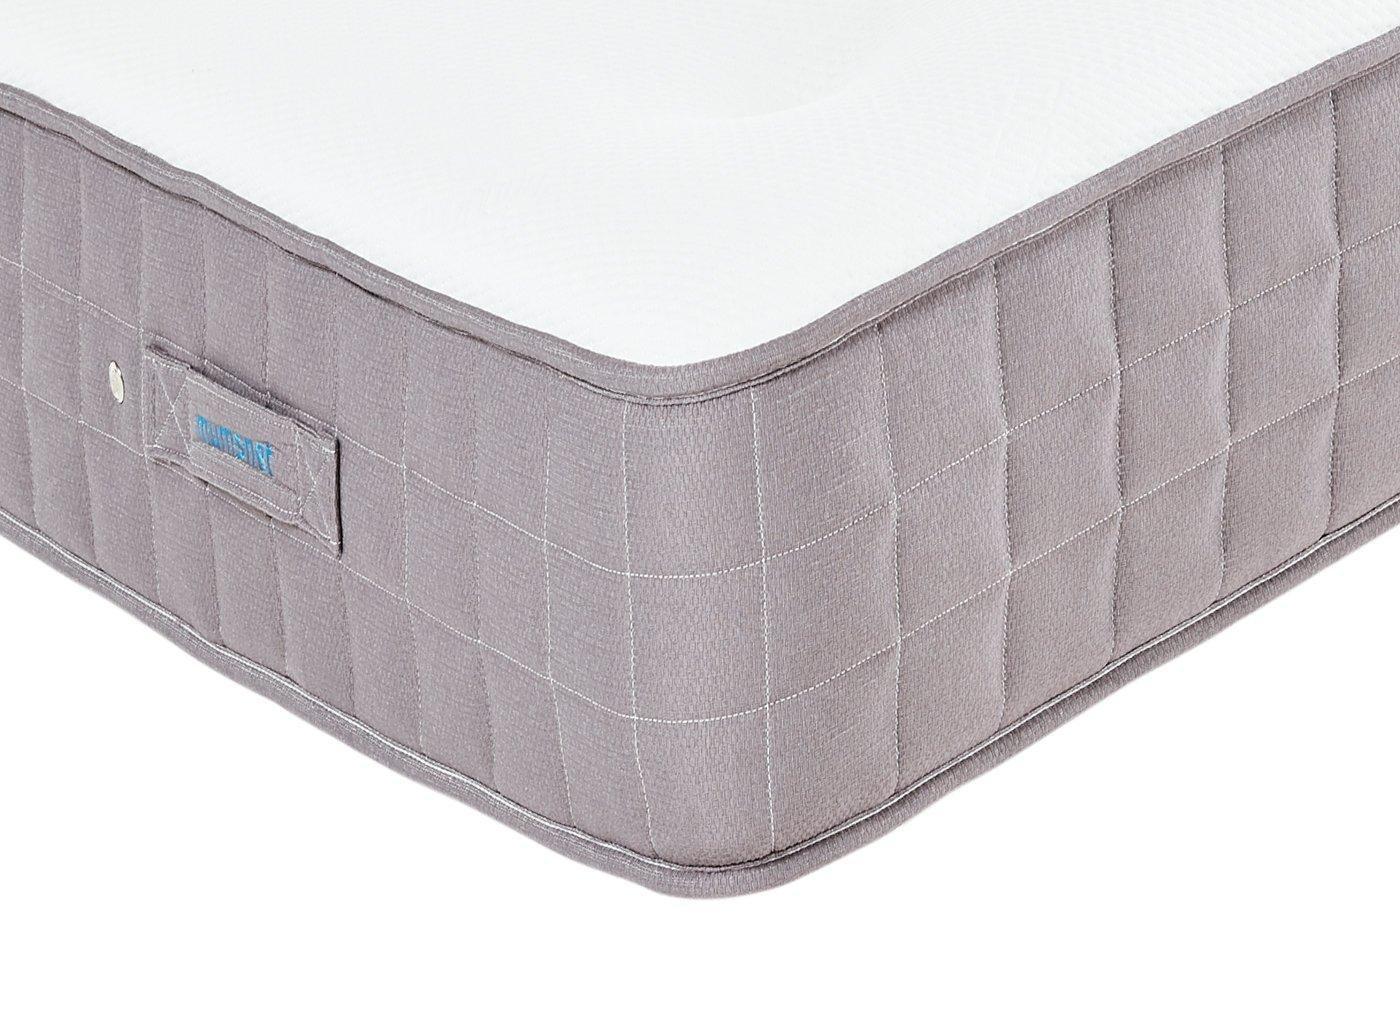 mumsnet-1000-pocket-sprung-mattress